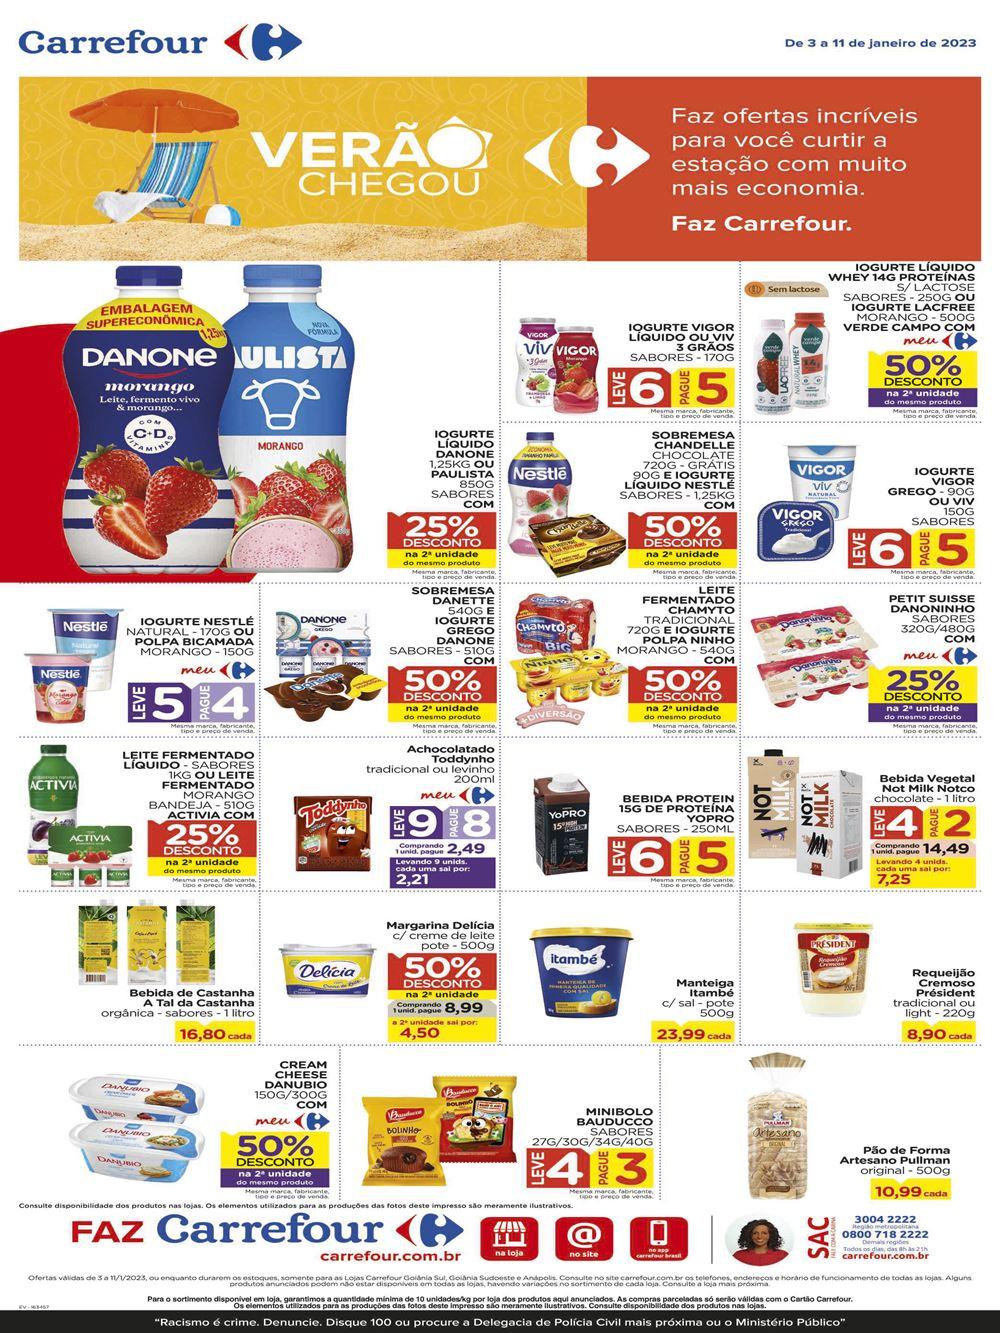 carrefour-ofertas-descontos-hoje45-13 Carrefour Tabloide Recife até 29/07